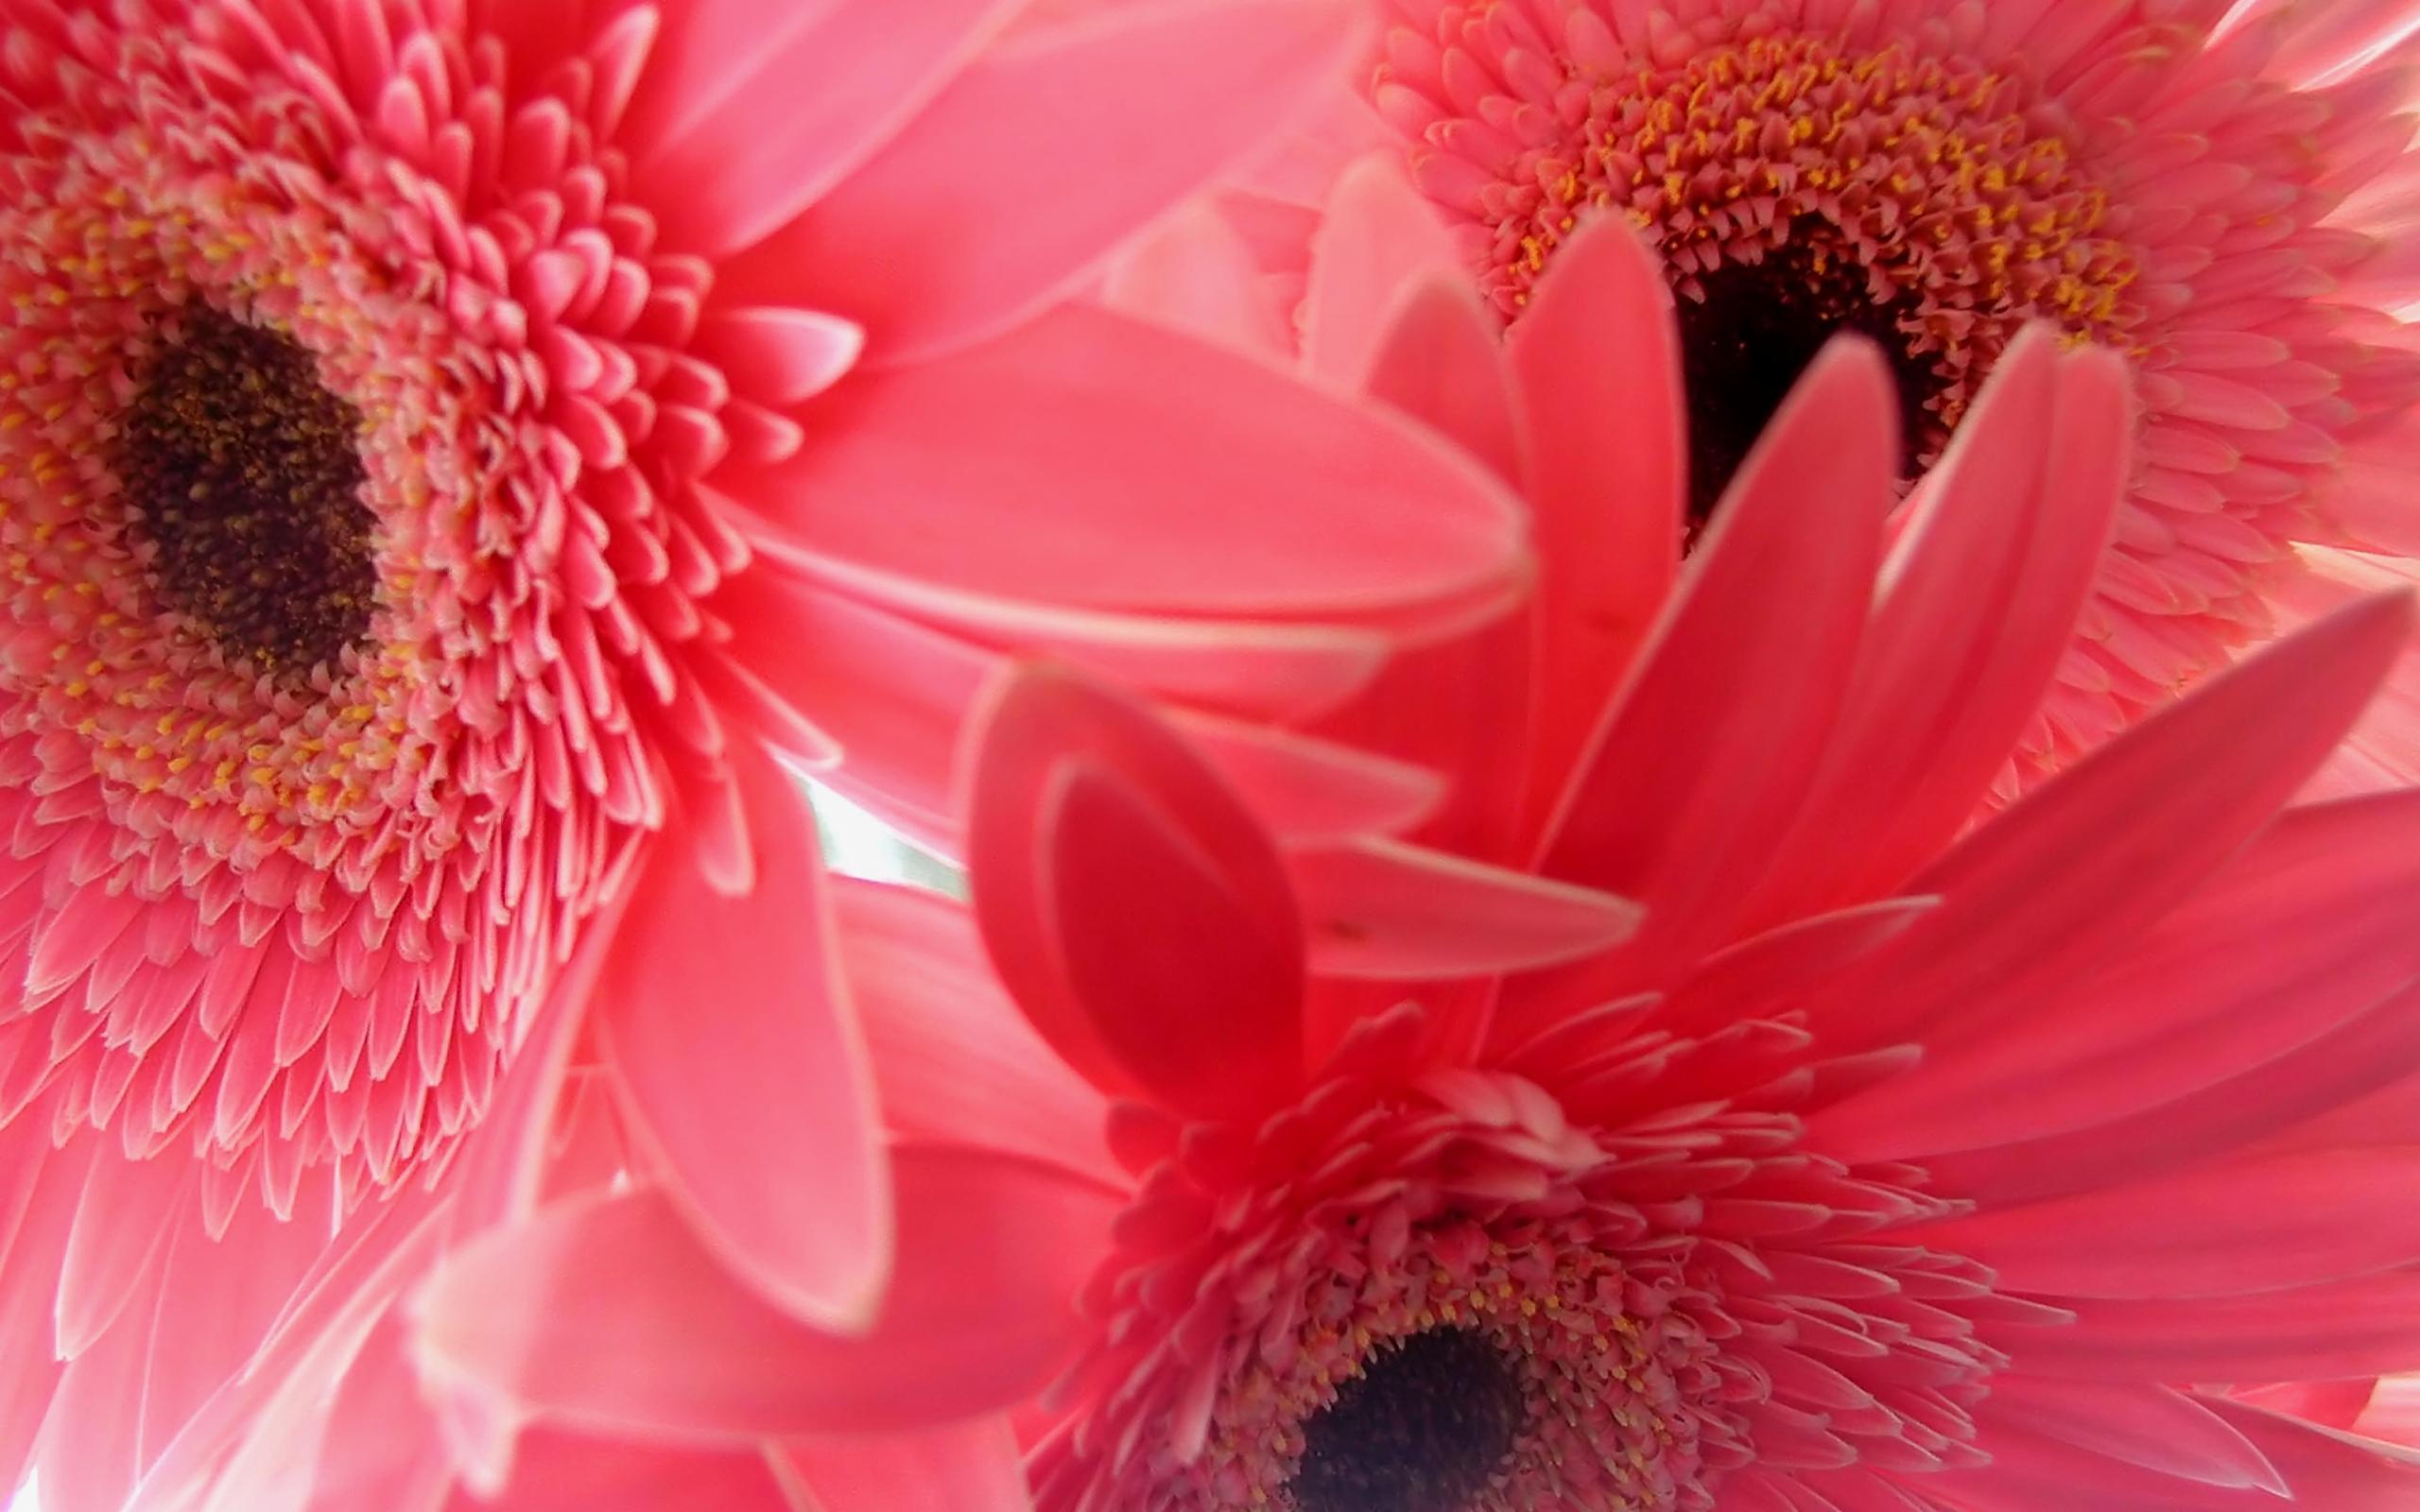 sweety gerbera flower image